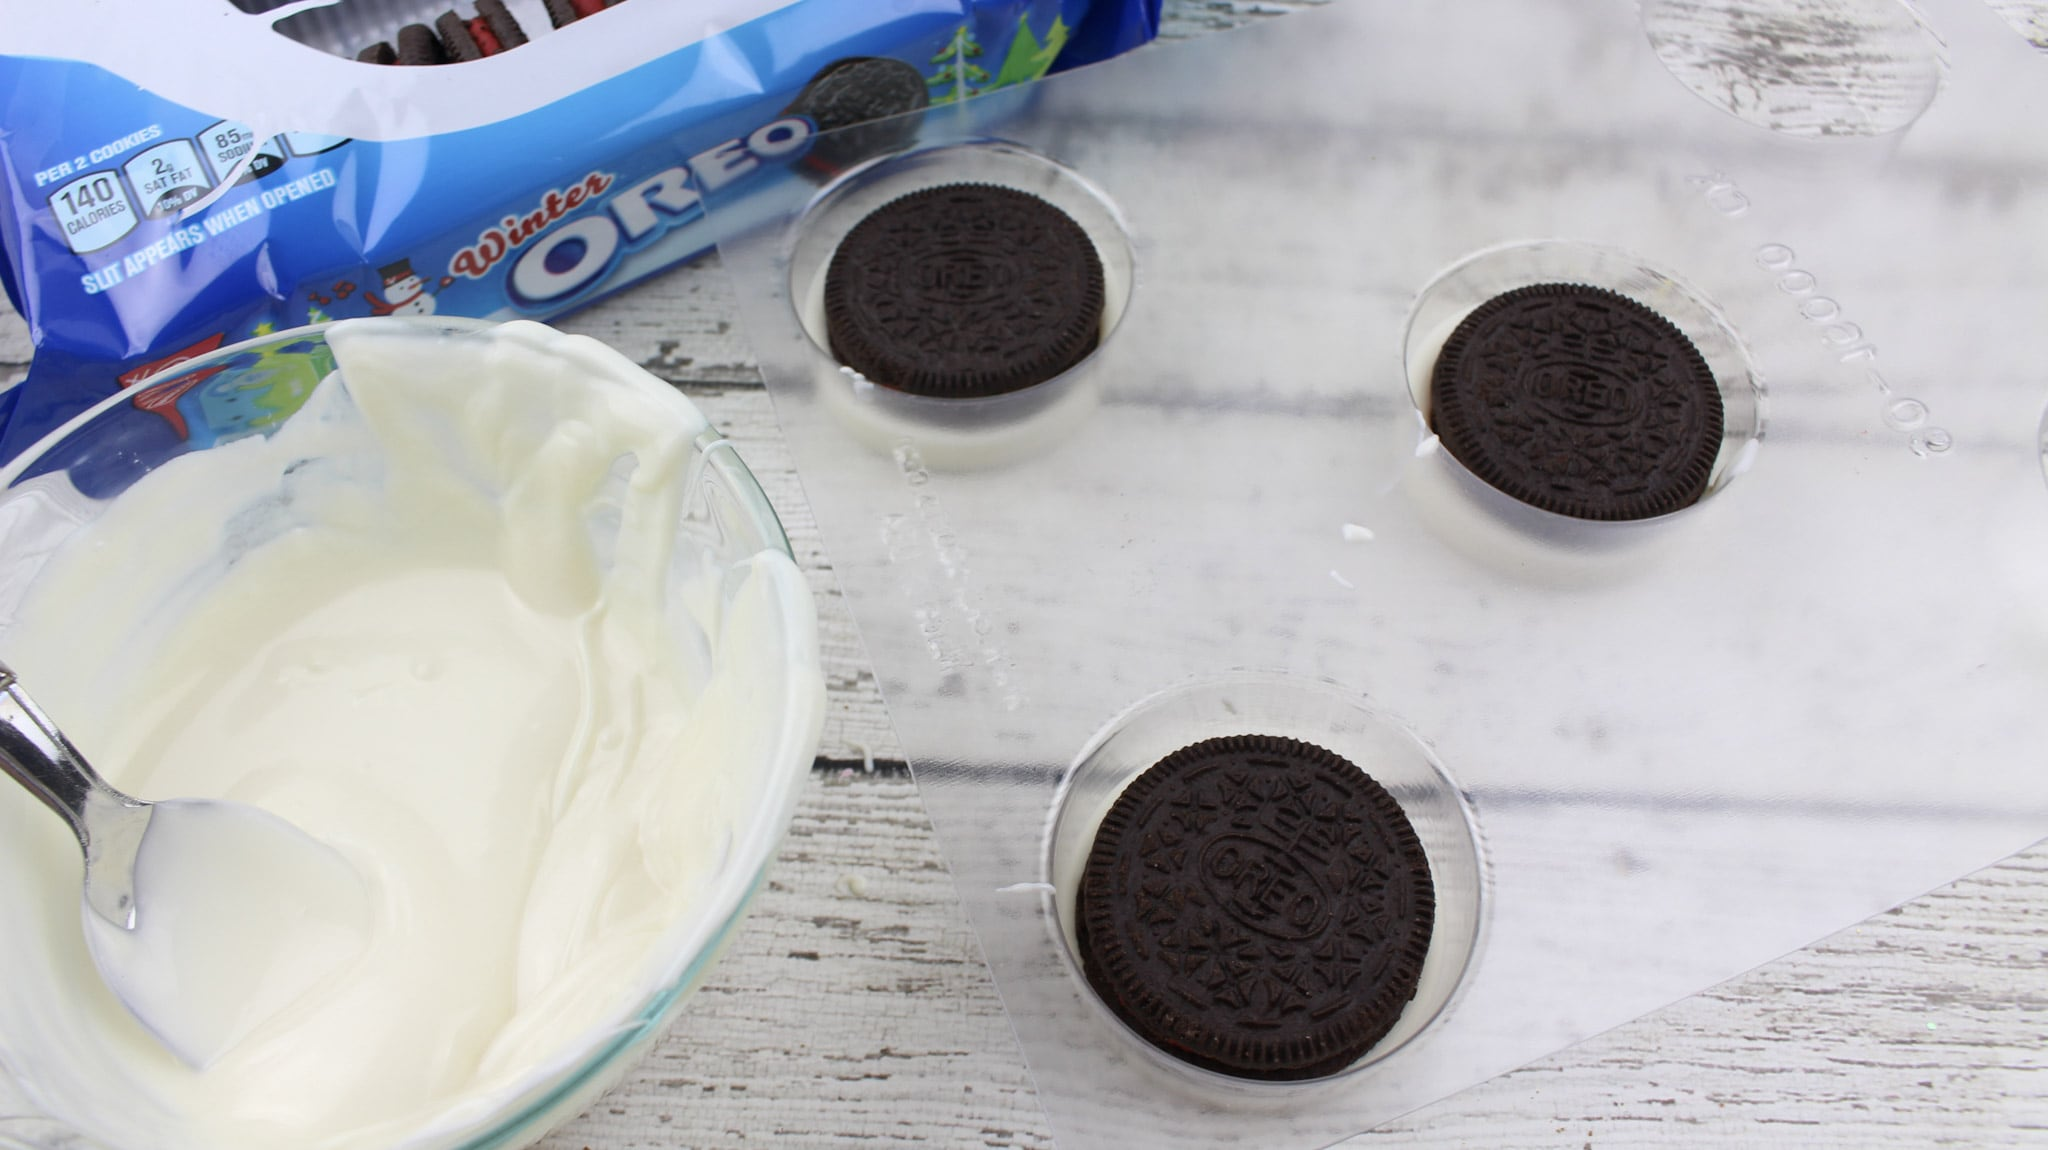 Moana Inspired White Chocolate Oreos - Quick and Sweet Party Treat. Moana treat process - Oreo cookies in cookie molds with melted white chocolate.